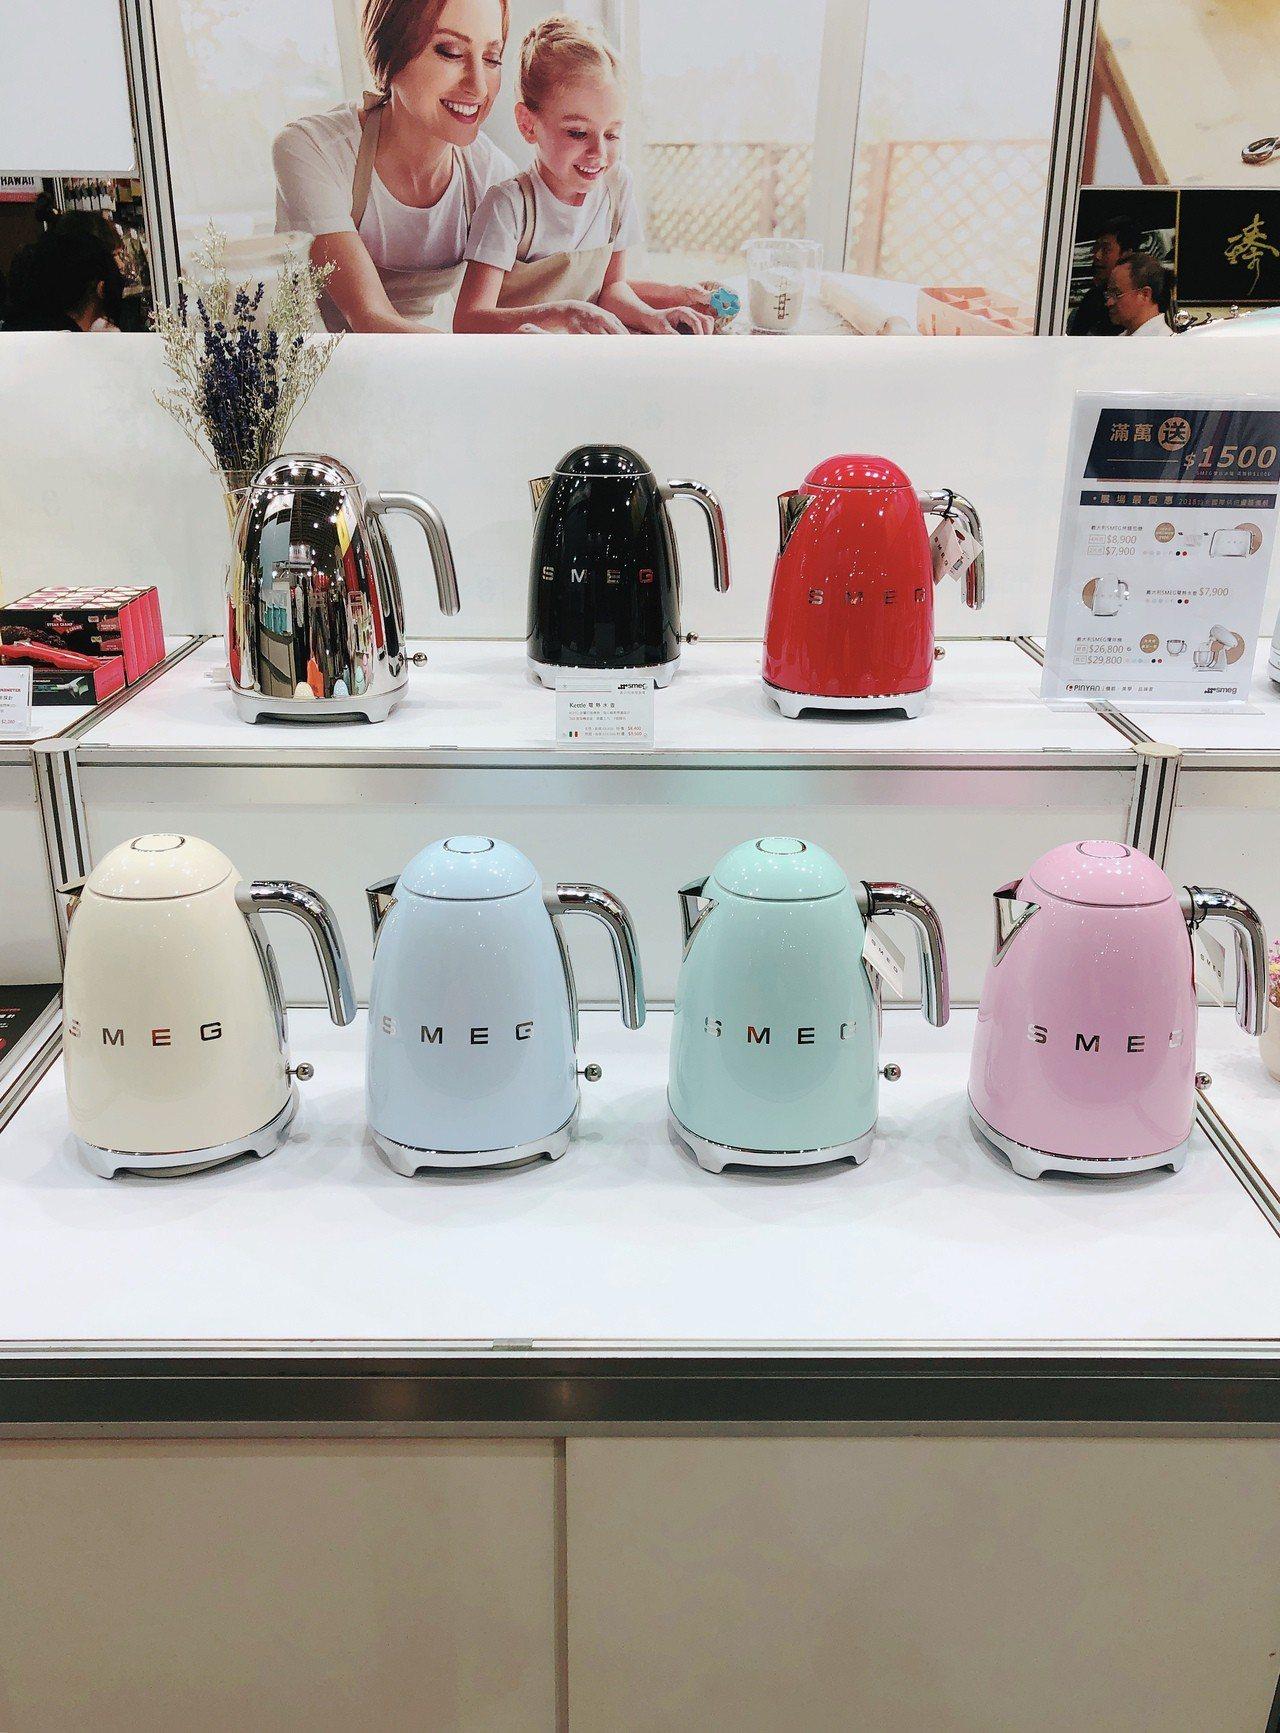 SMEG電熱水壺,展場優惠價7,900元。記者黃筱晴/攝影